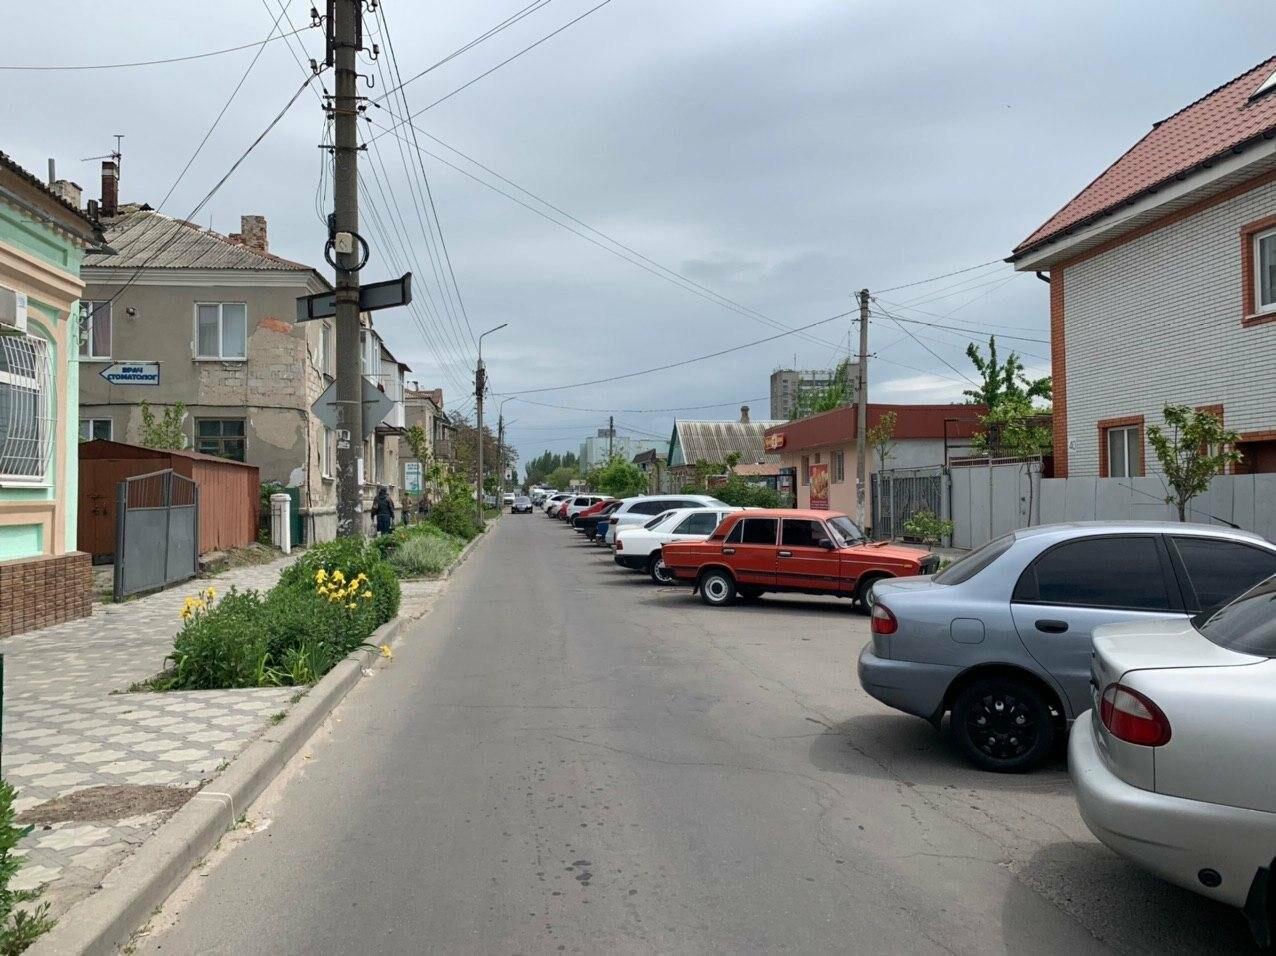 Бердянск - город водителей хамов?, фото-6